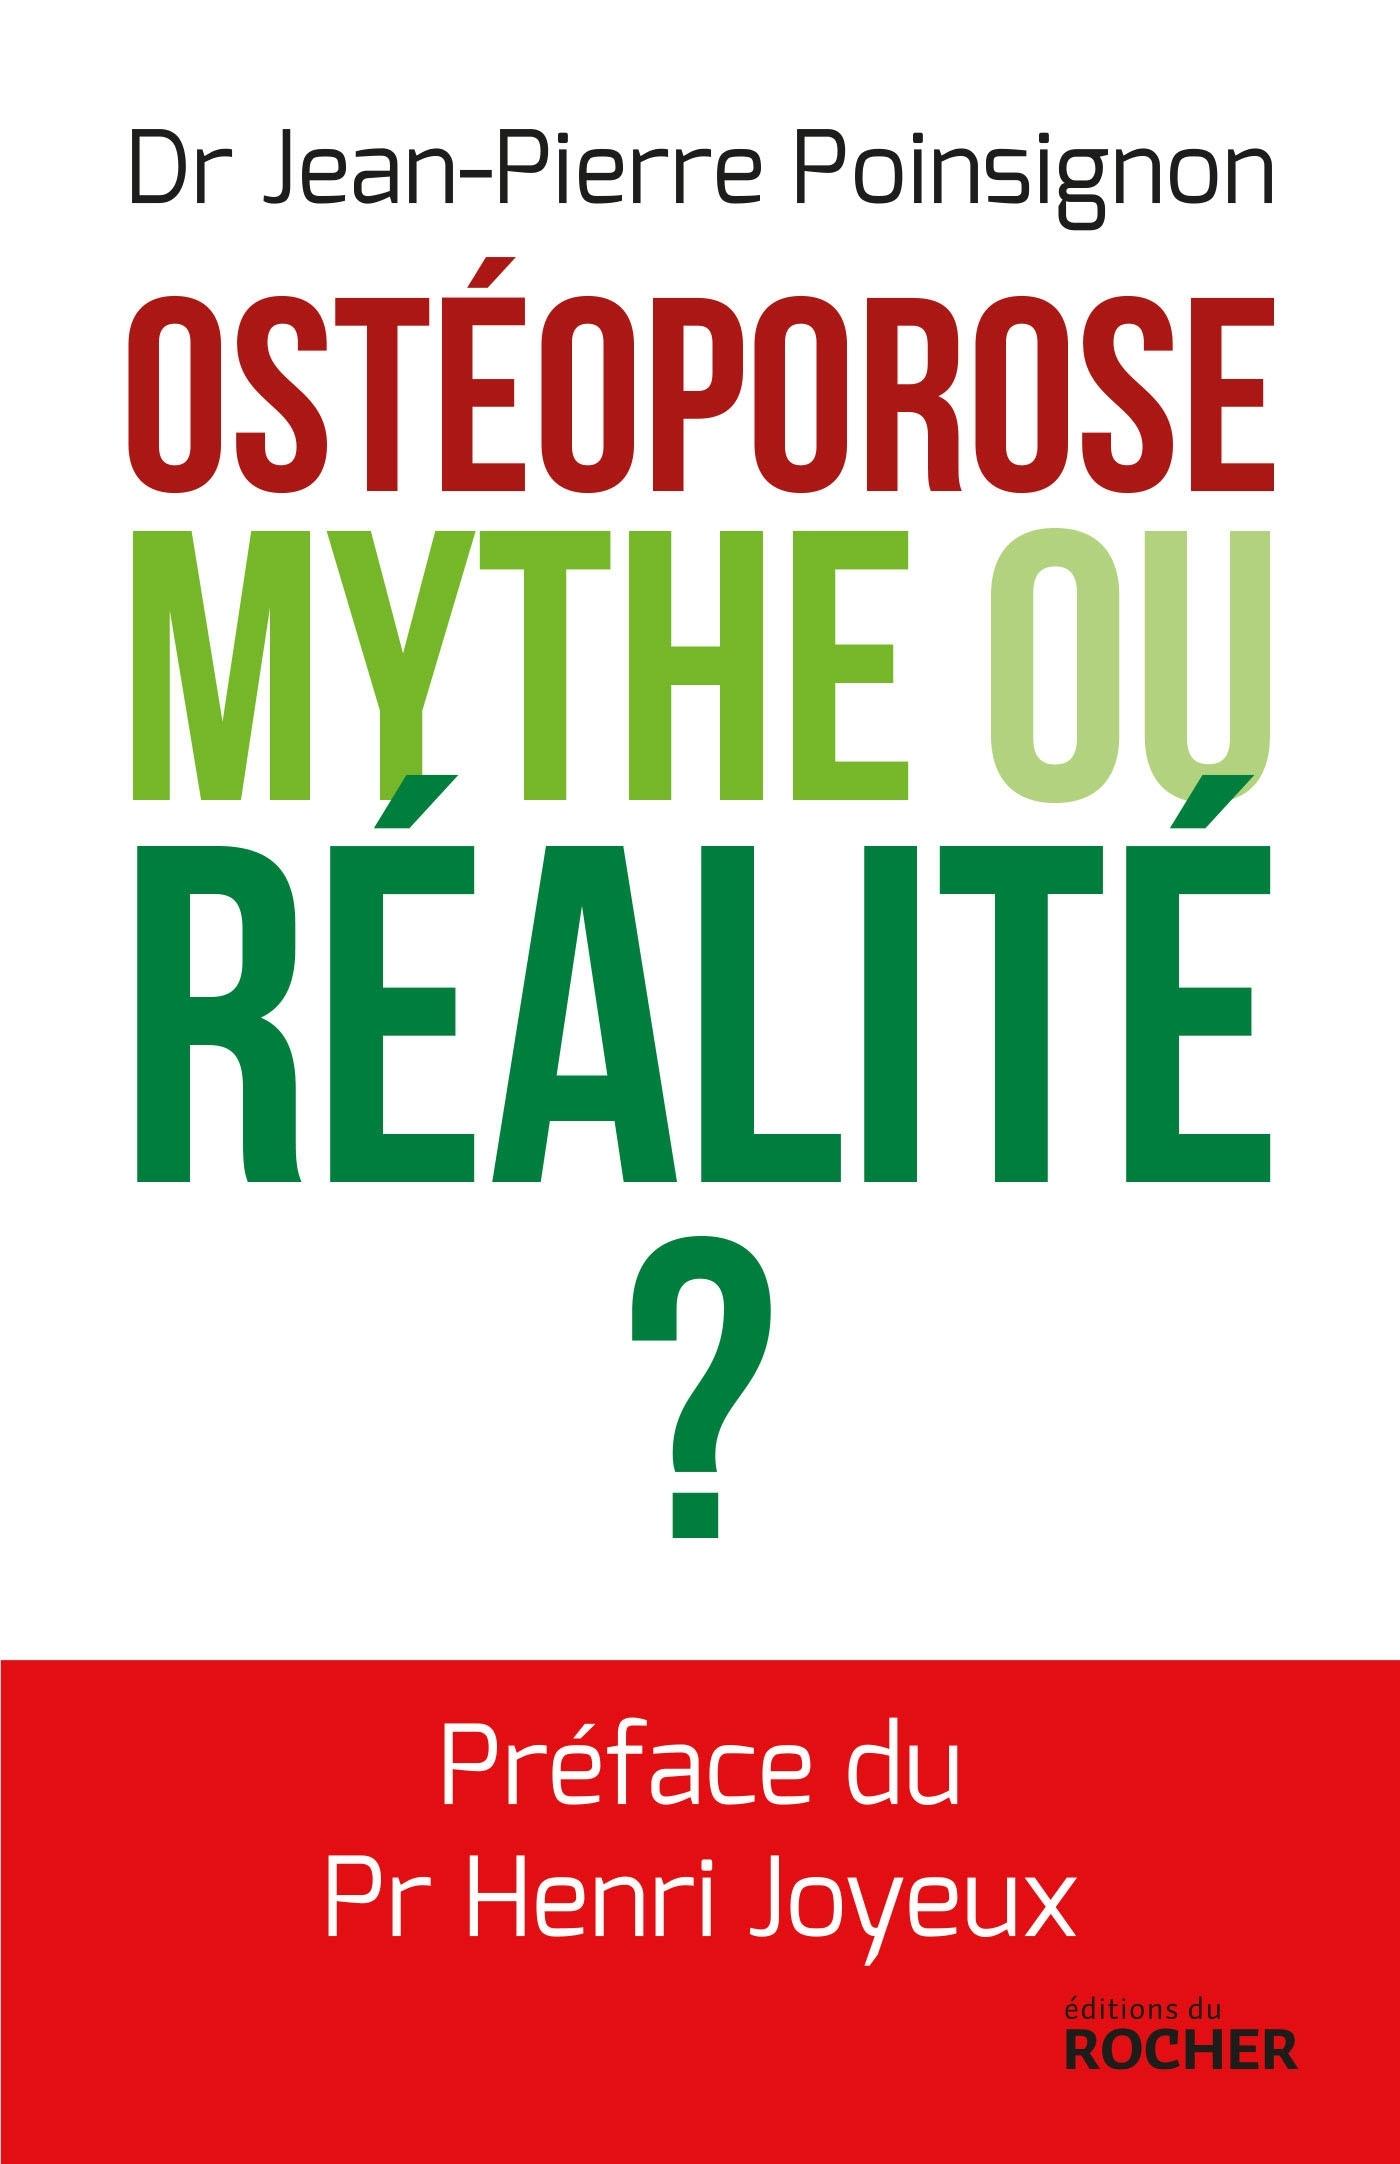 OSTEOPOROSE : MYTHE OU REALITE ?